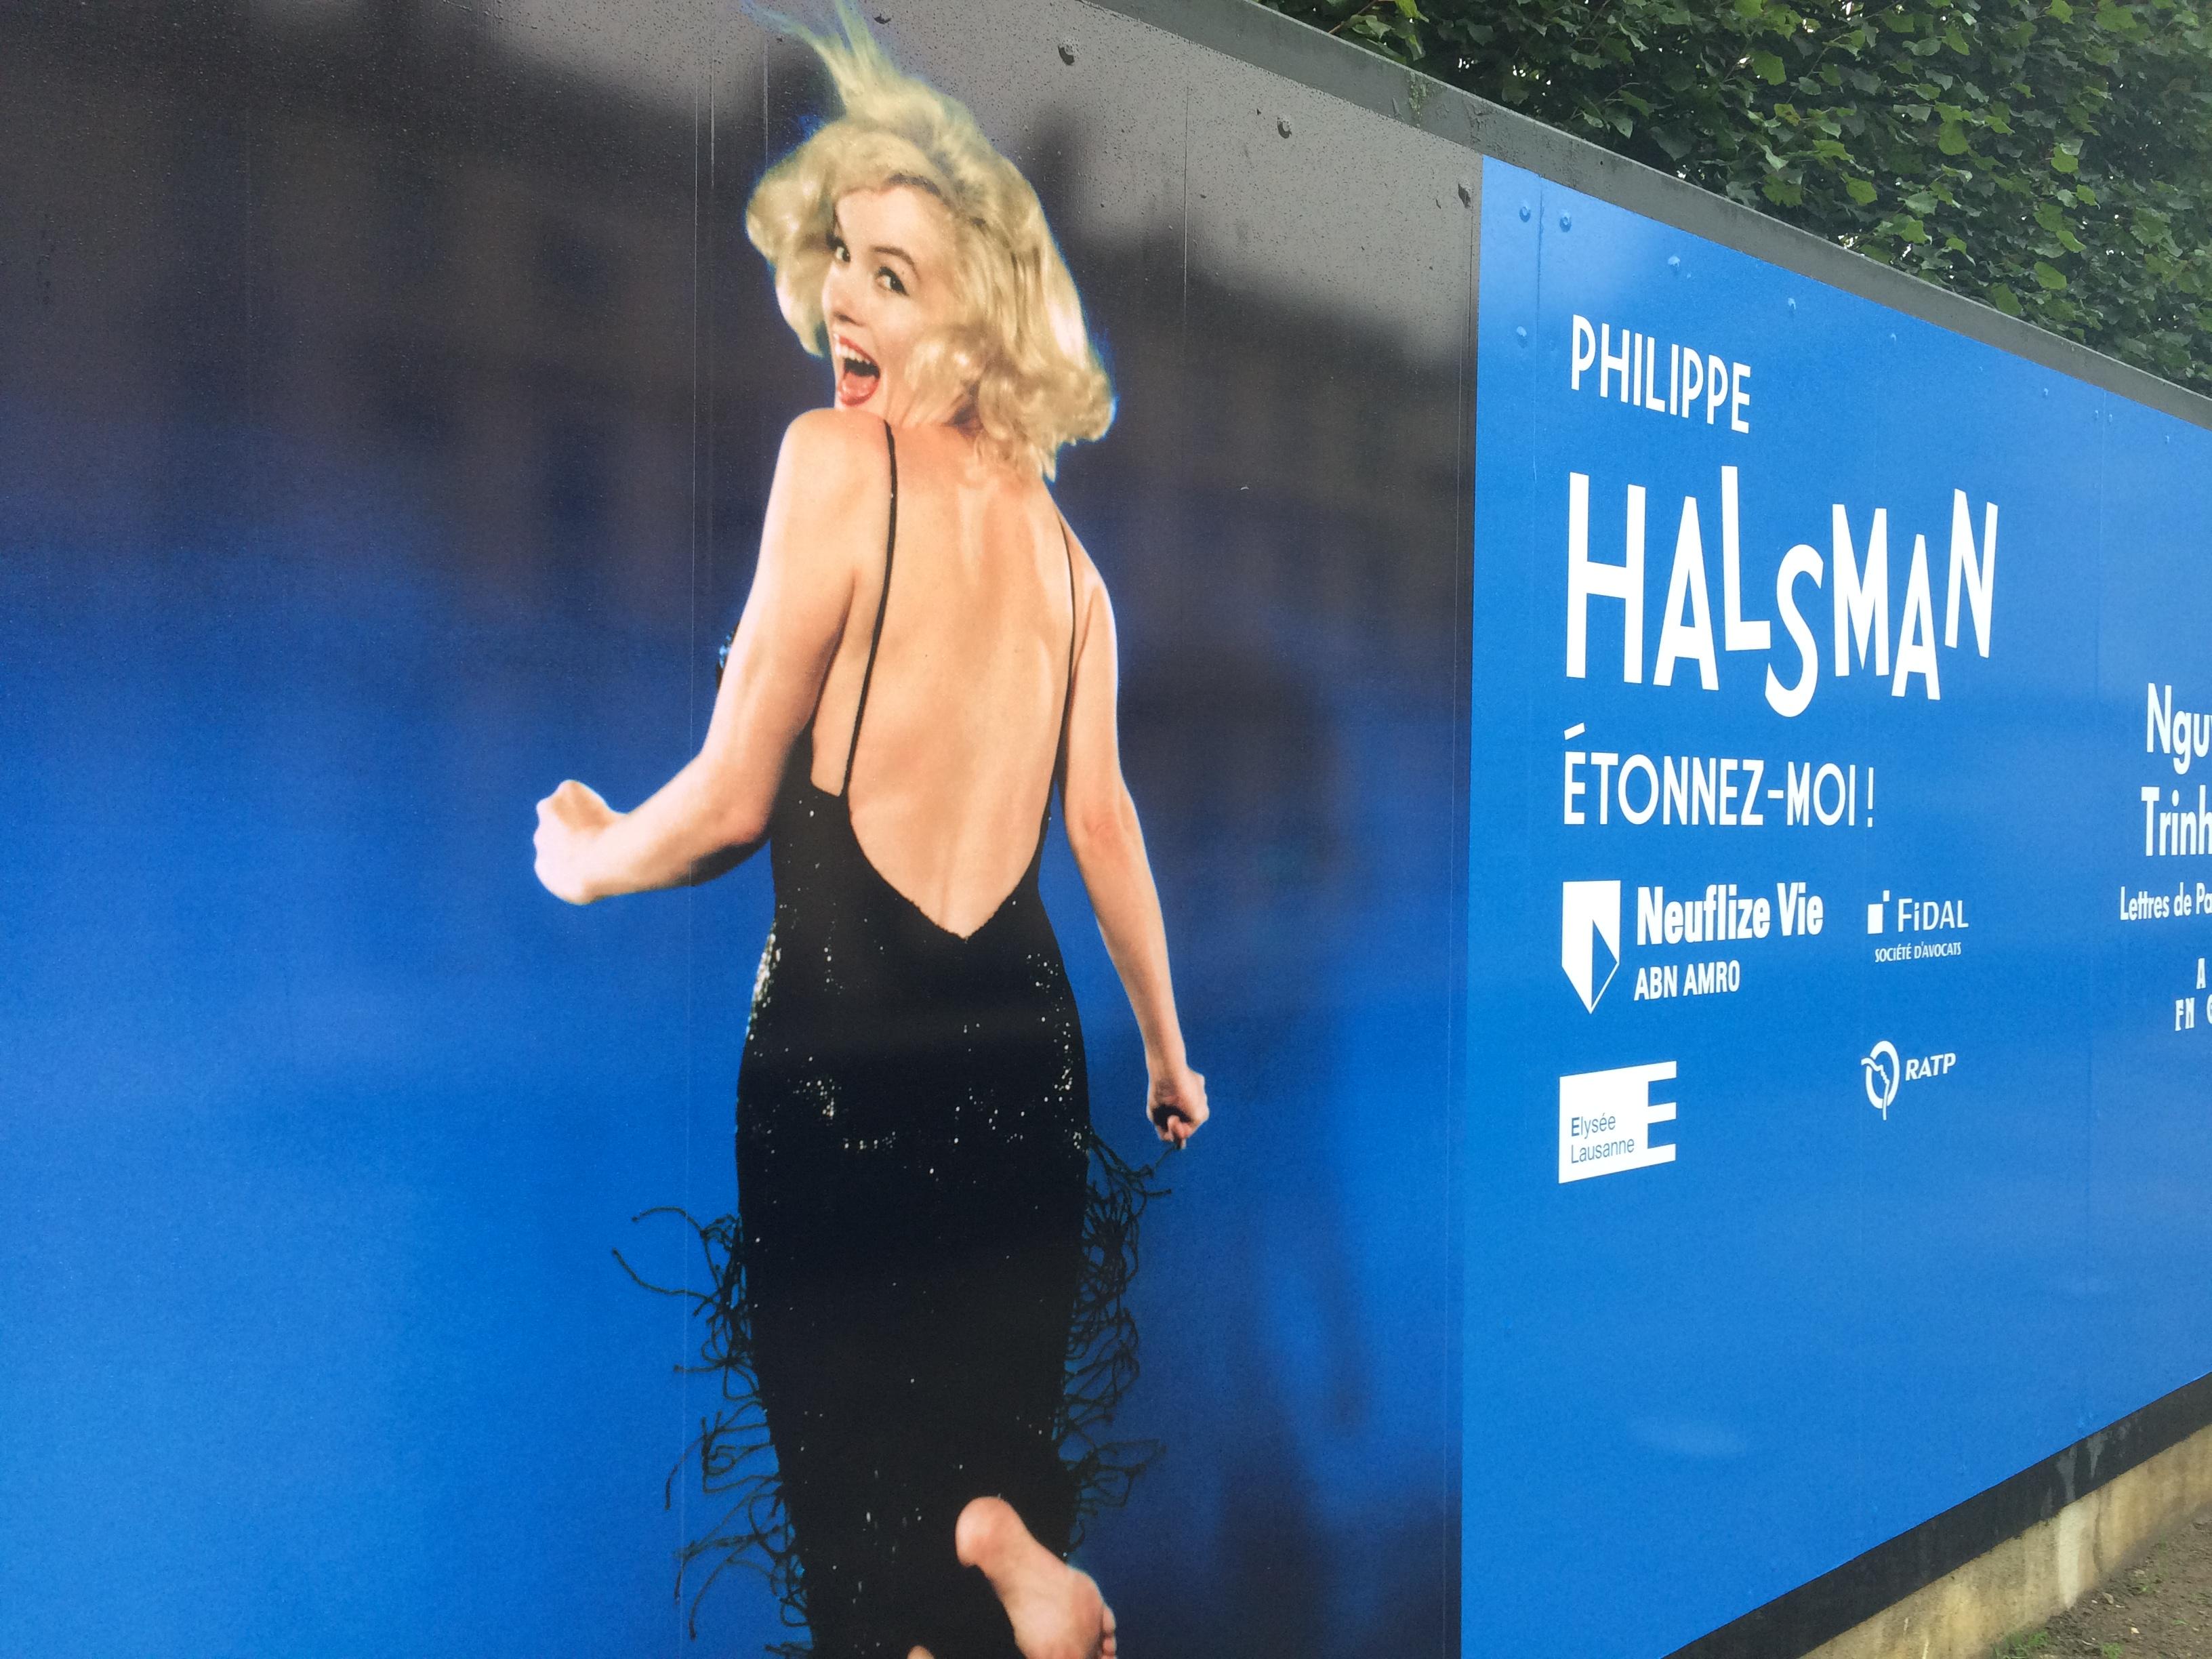 Exposition Philippe Halsman au Jeu de Paume, jusqu'au 24 janvier 2016